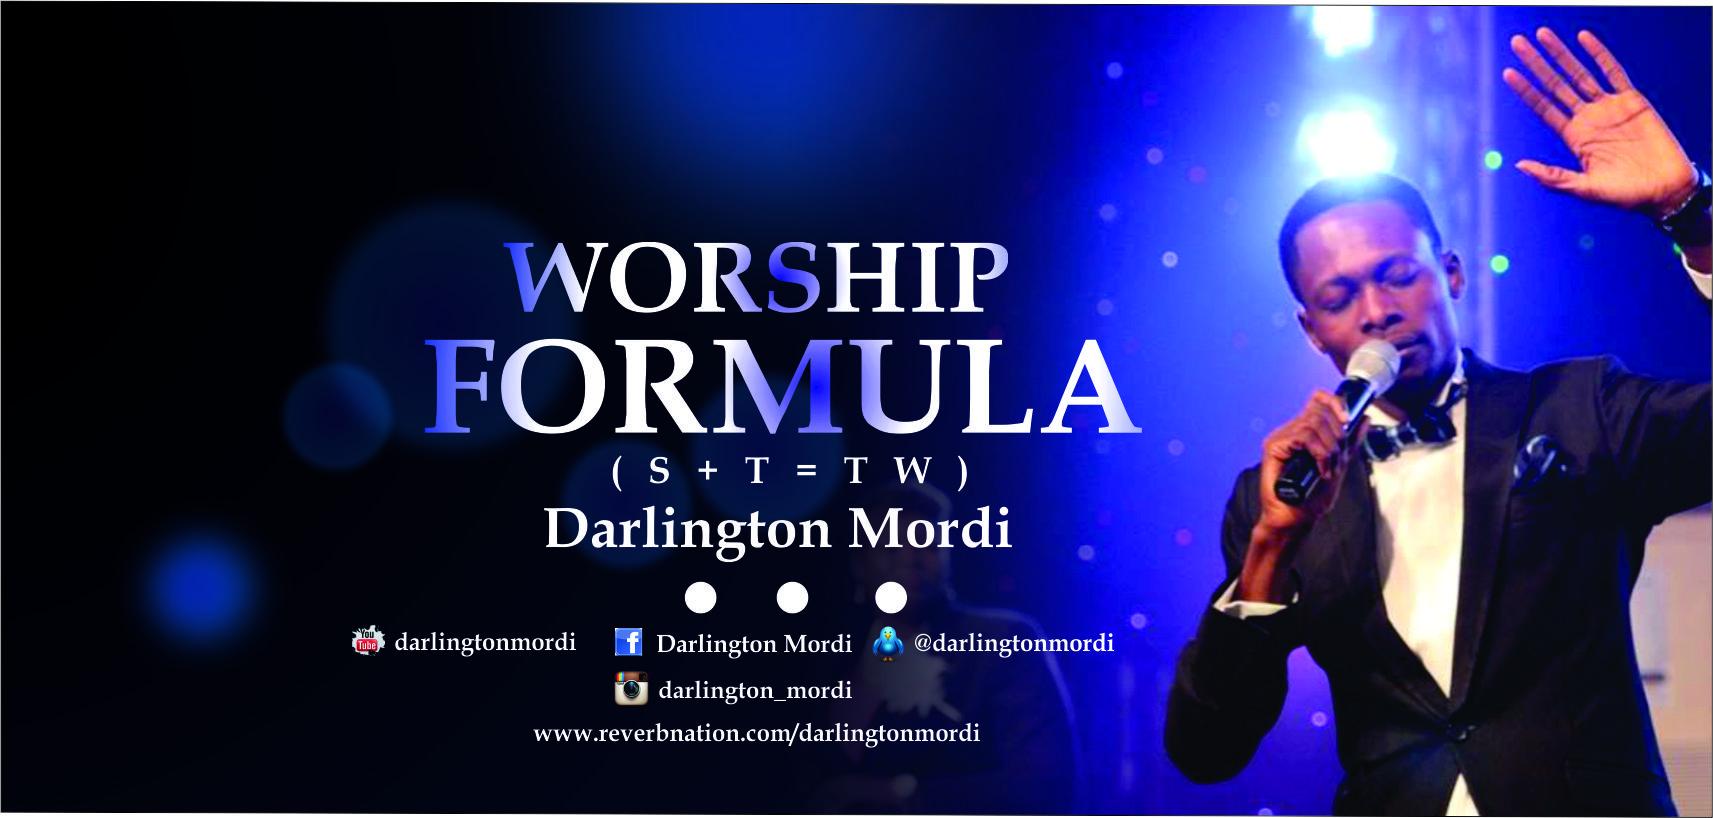 darlington-mordi-worship-formular